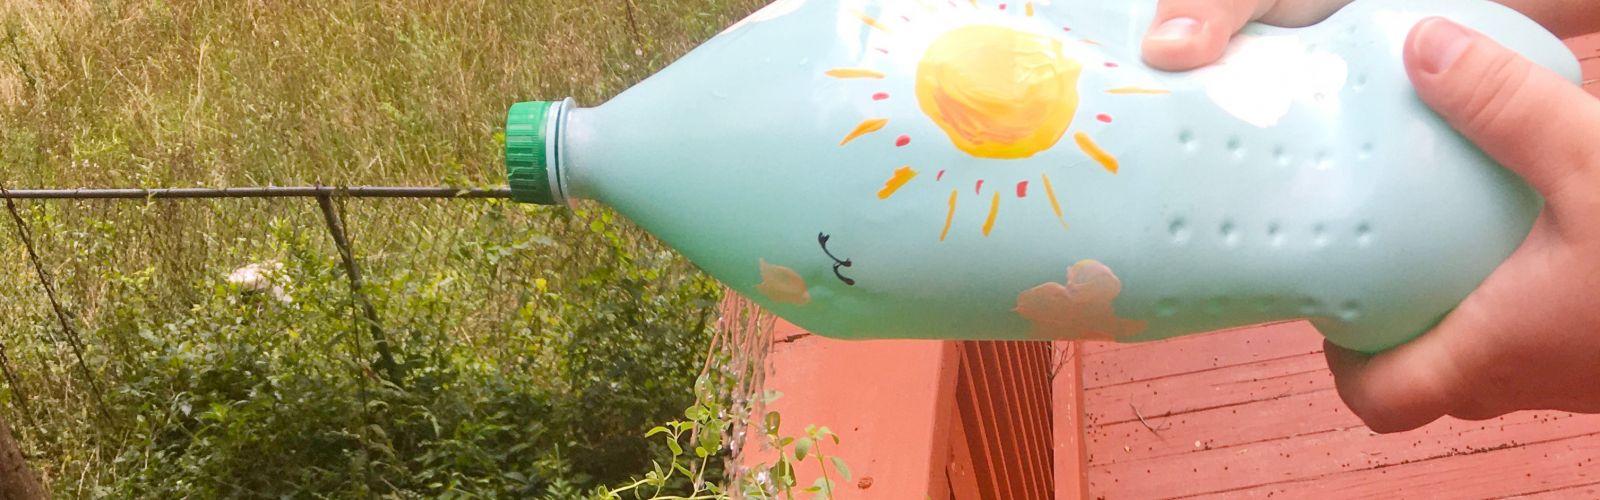 soda bottle watering can